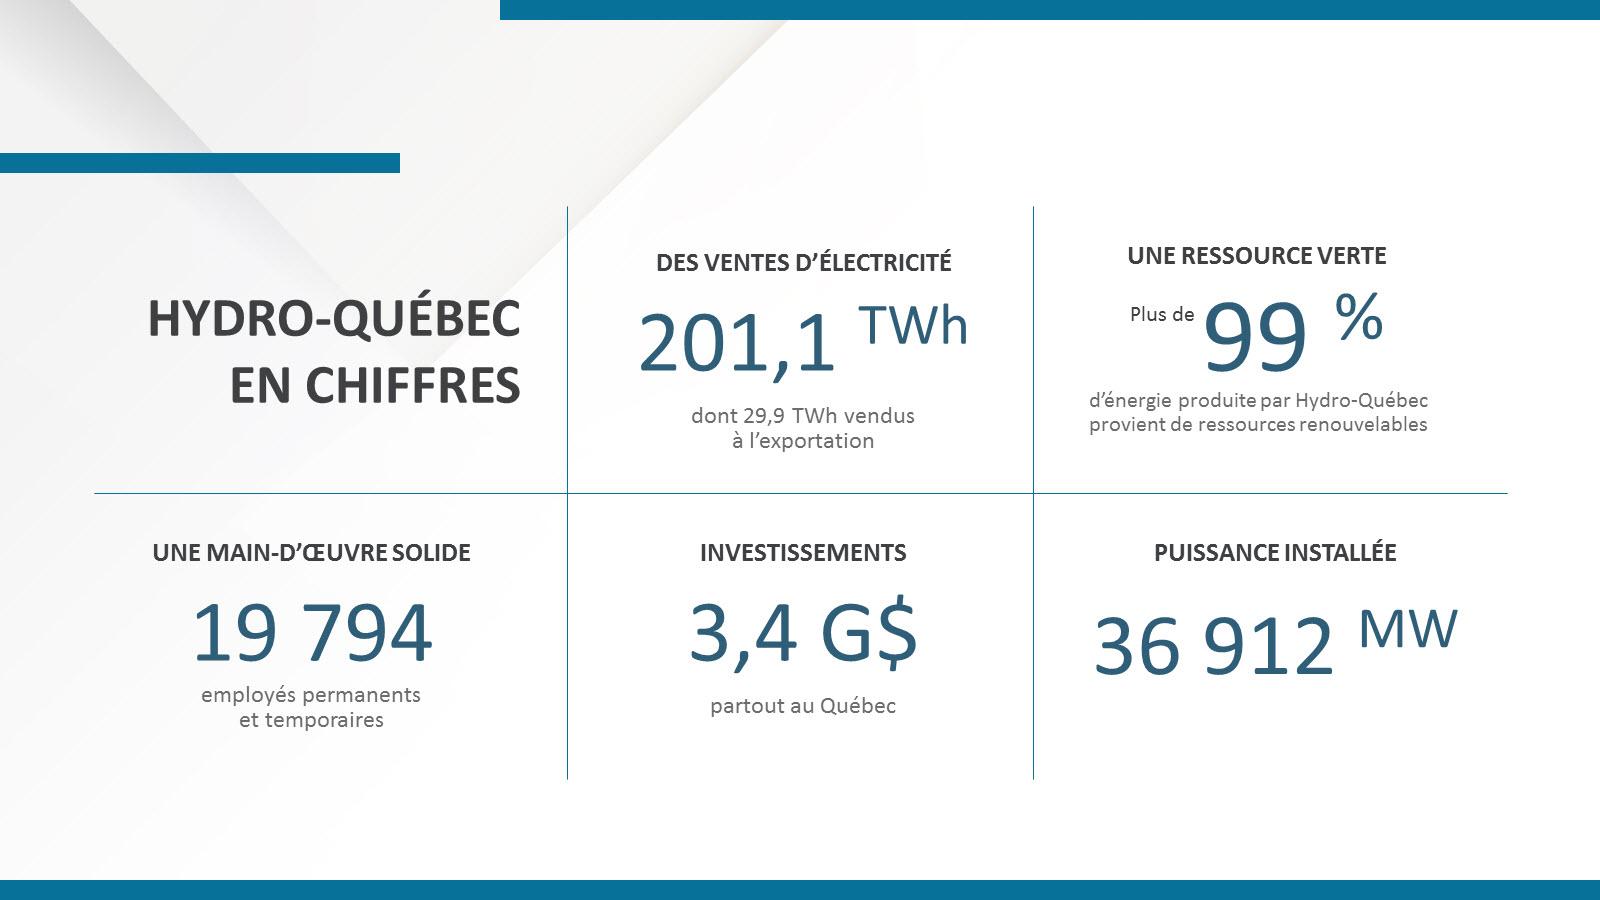 Hydro-Québec en chiffres